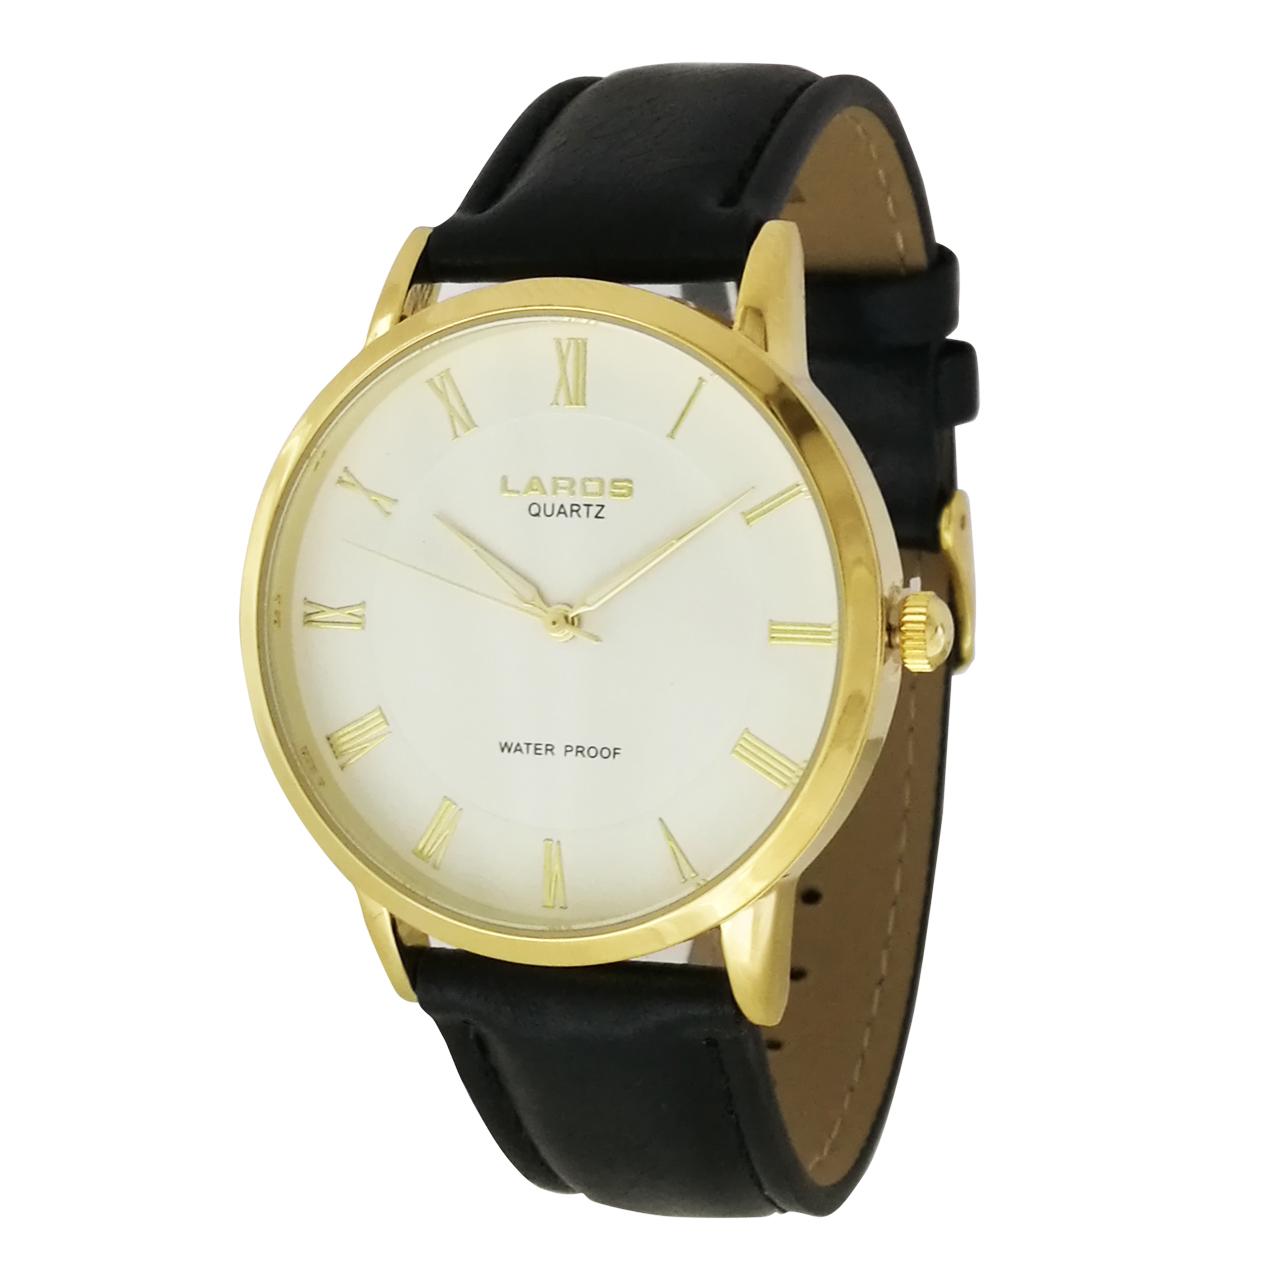 ساعت مچی عقربه ای مردانه لاروس مدل  0118-80207-s به همراه دستمال مخصوص برند کلین واچ 29